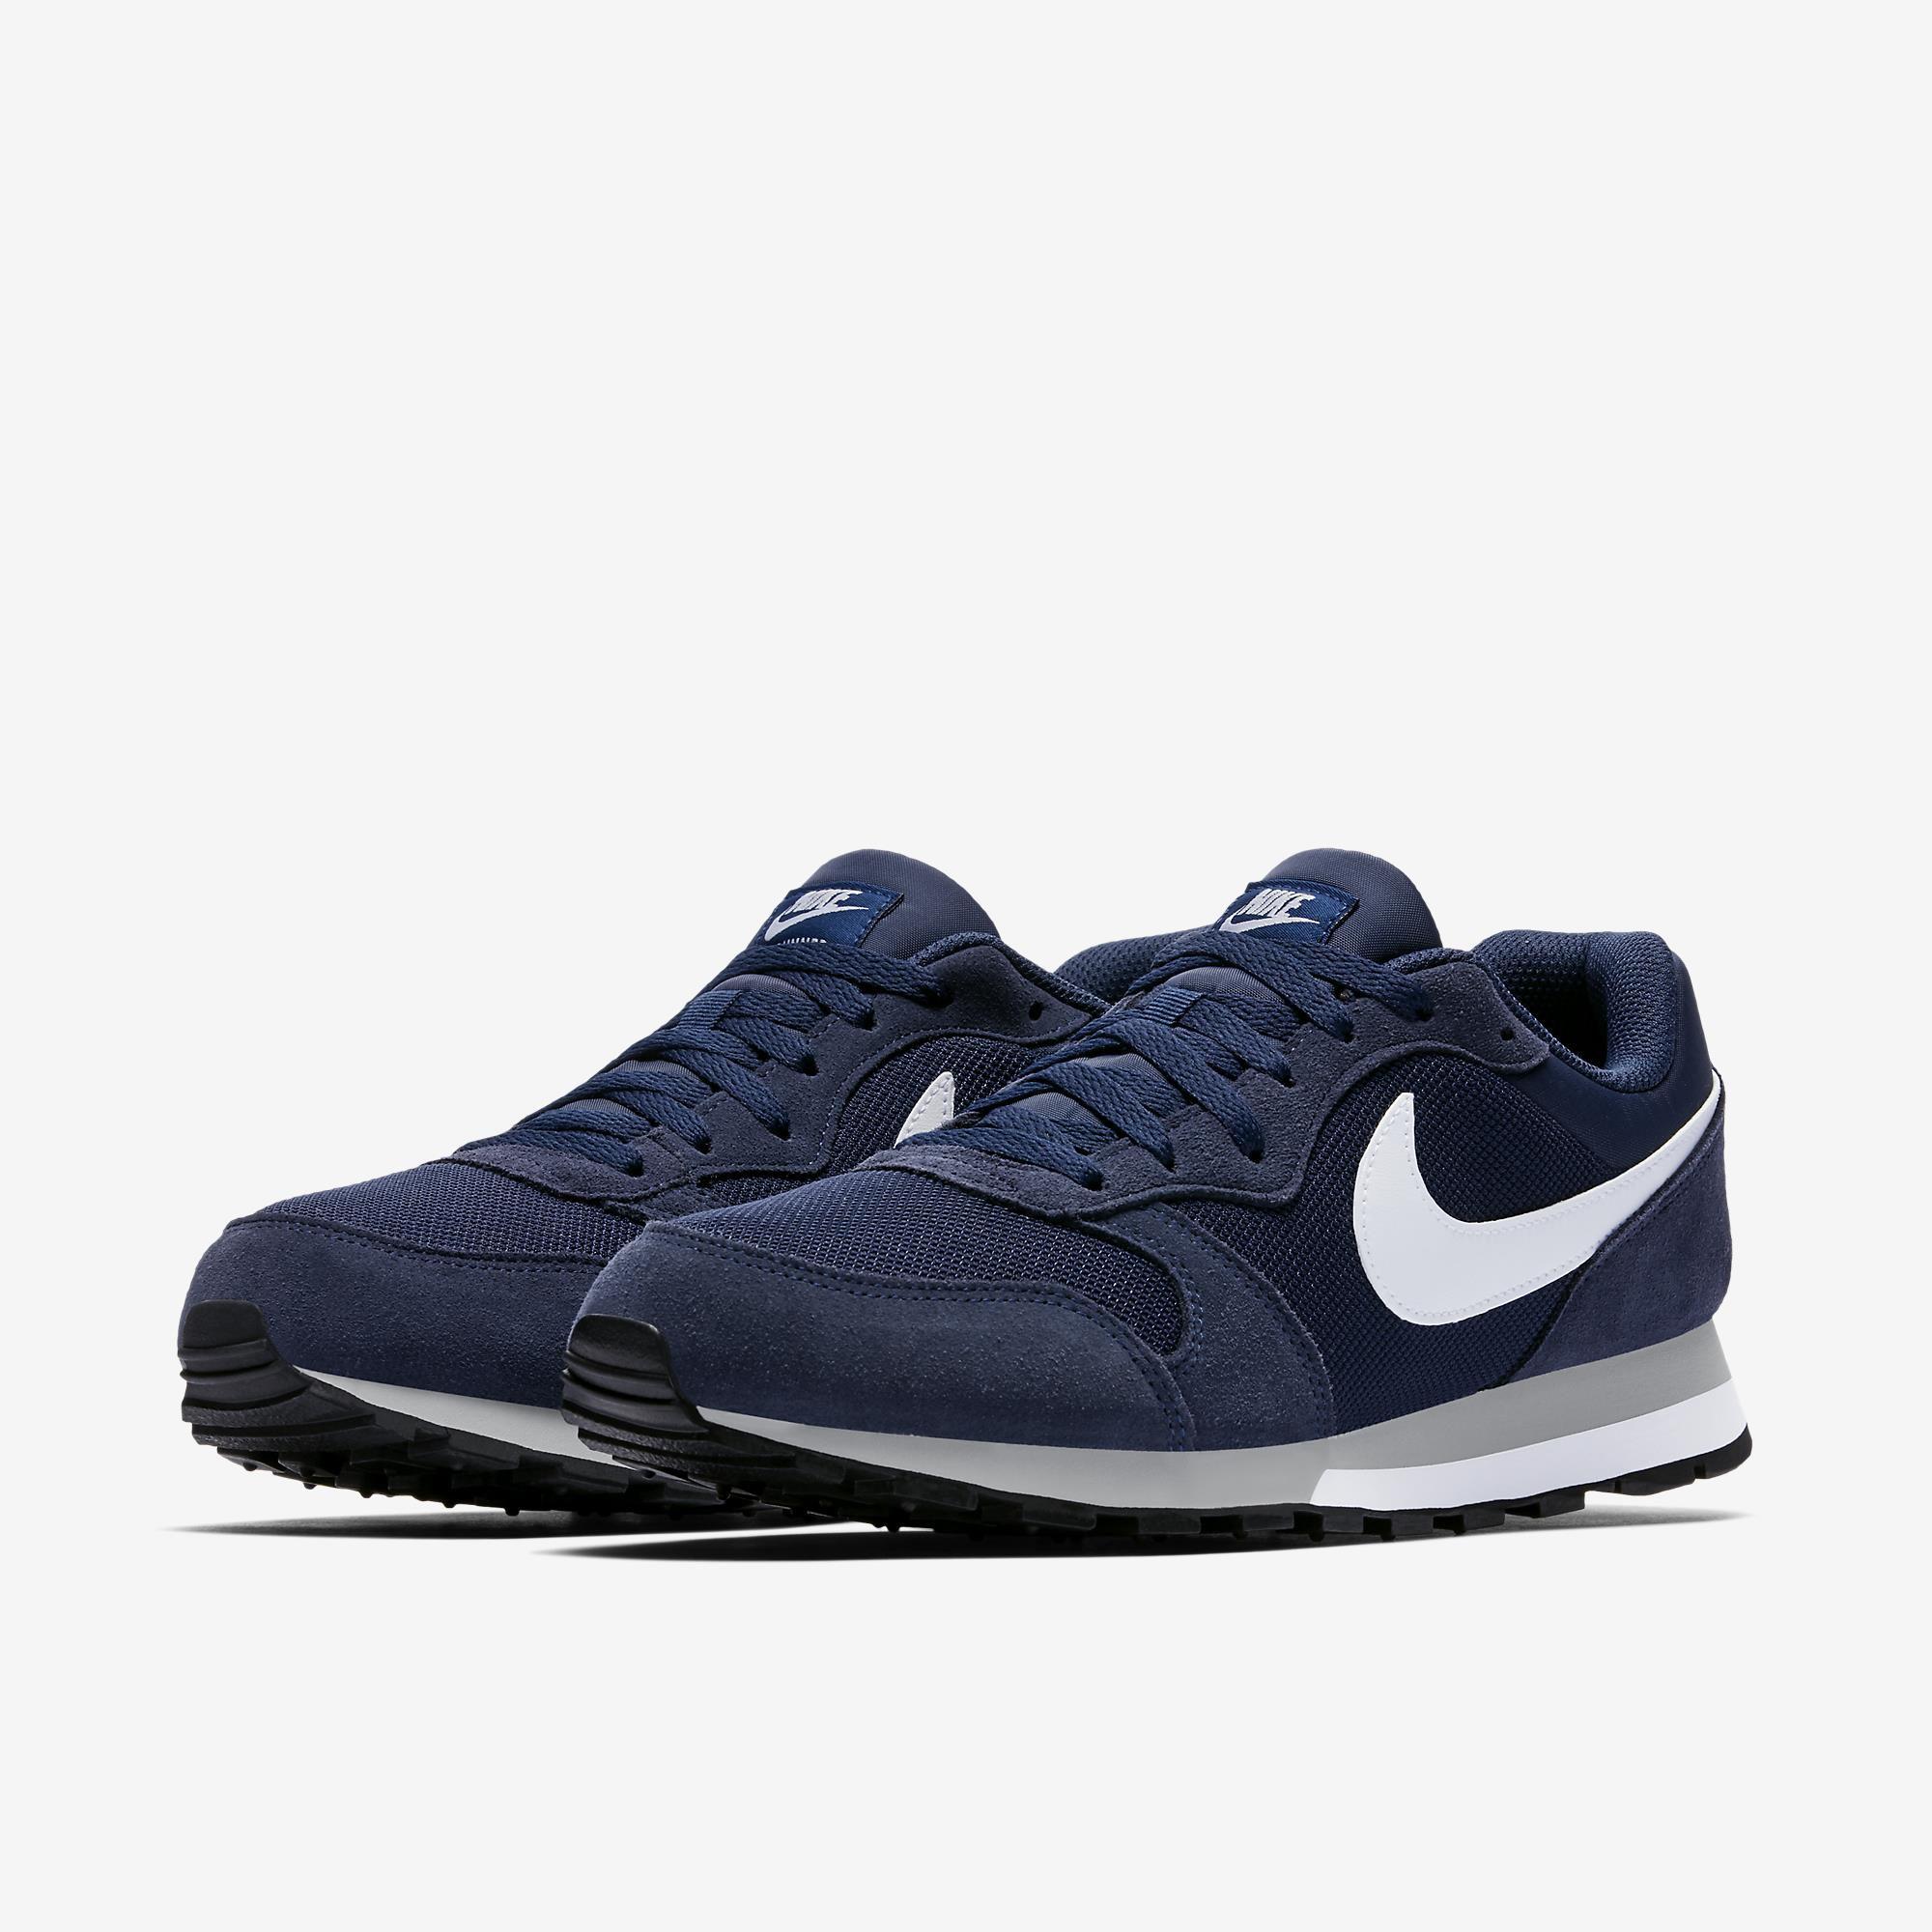 Tenis Nike Runner 2 - 749794-410